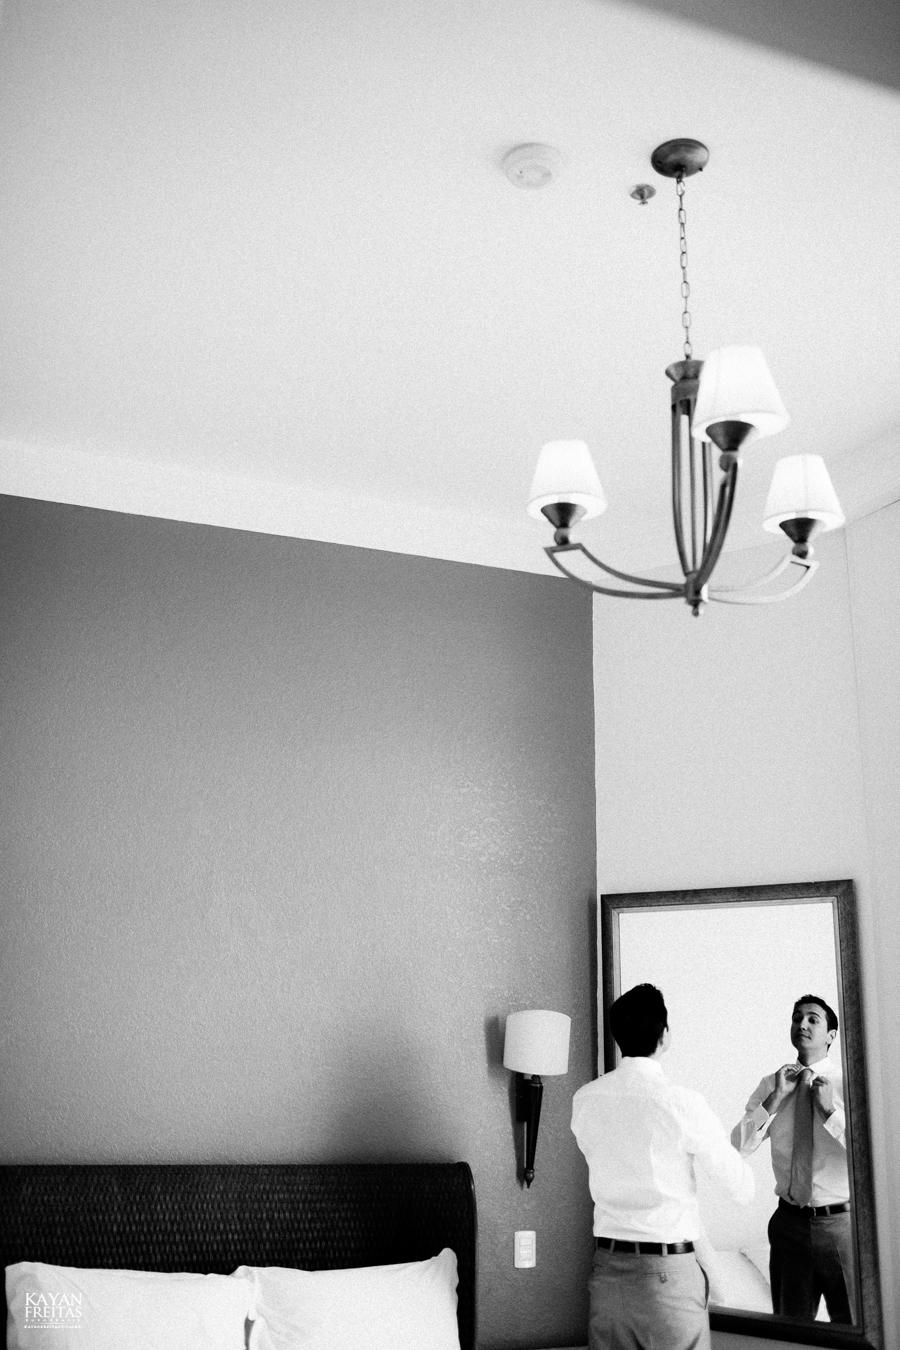 casamento-mari-fernando-0036 Mariana + Fernando - Casamento em Florianópolis - Pier 54